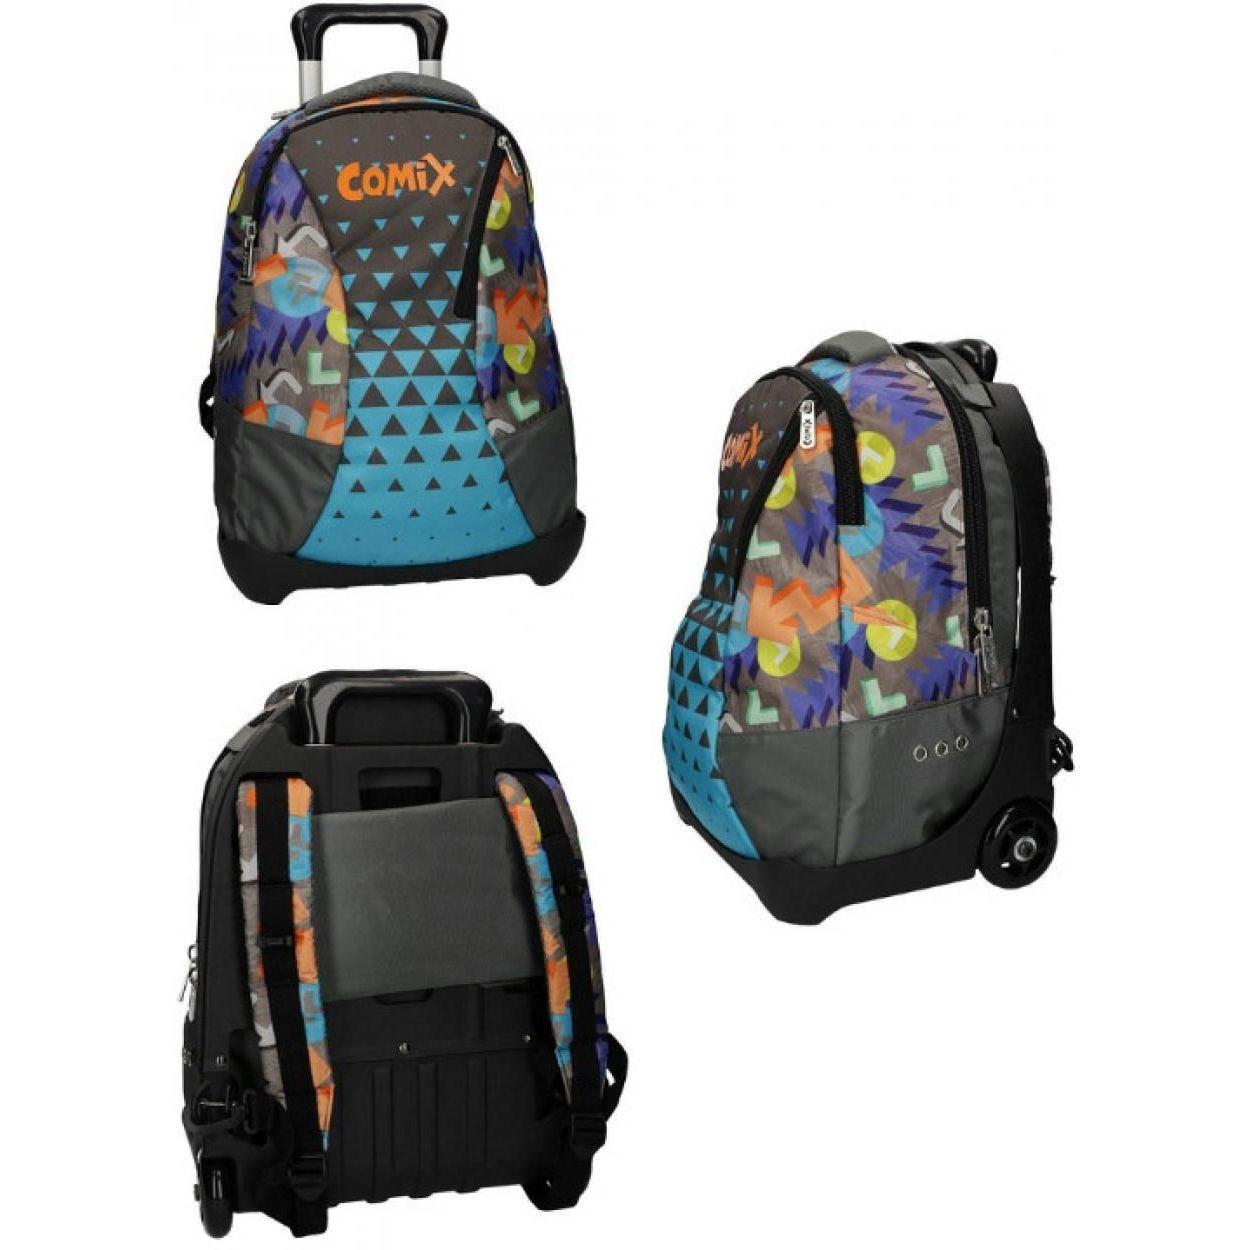 negozio online e5a12 1ee8e COMIX ZAINO TROLLEY STACCABILE X 59023